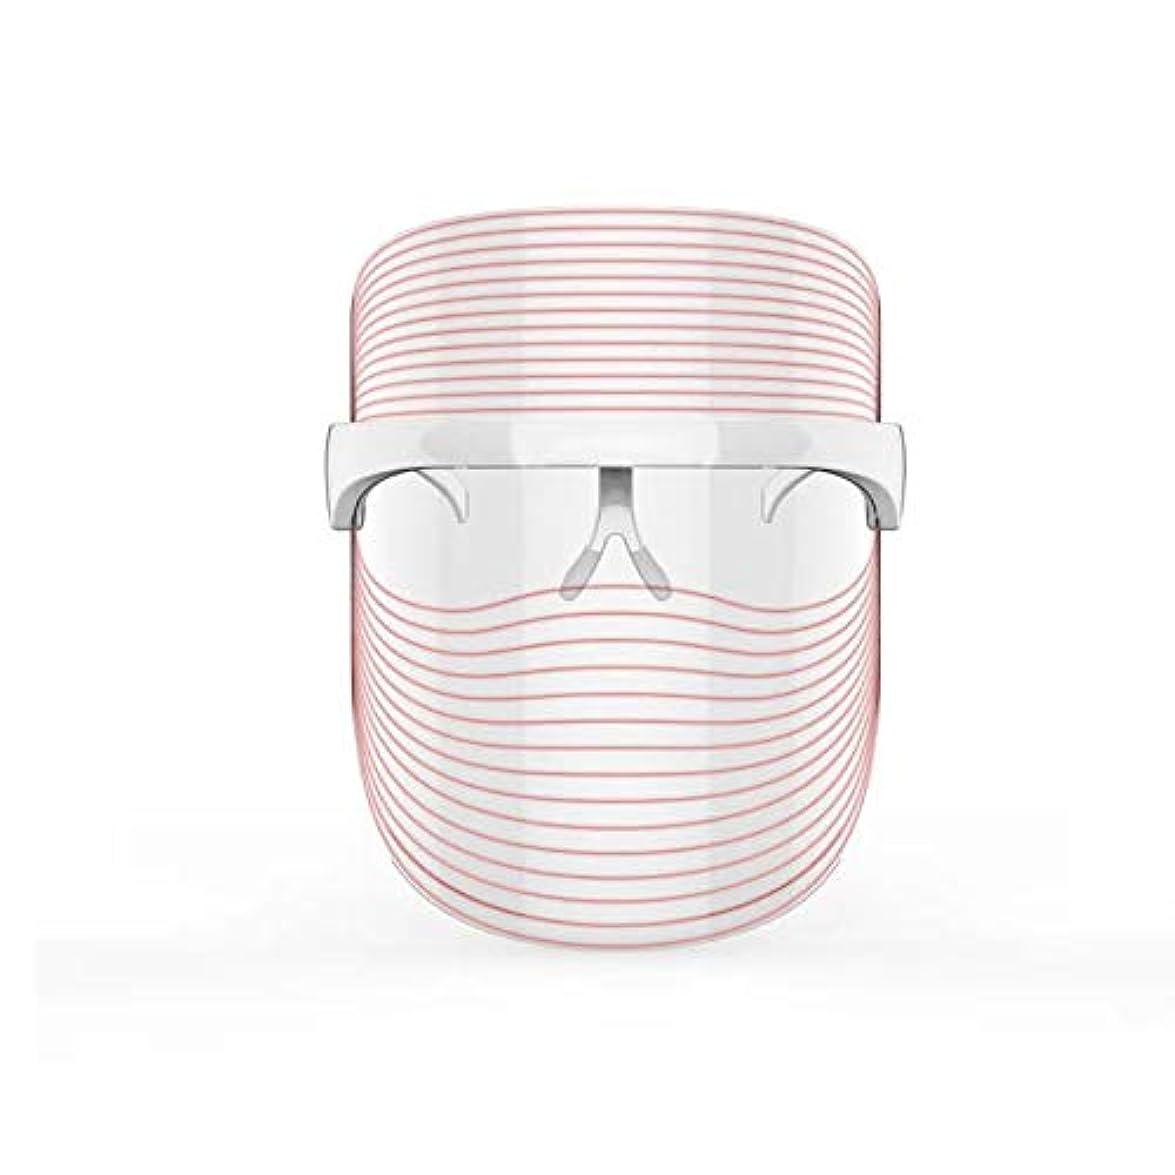 ストローク幸運なことにオーク3色LEDマスクフェイス&ネックネオン白熱LEDフェイスマスク電動フェイシャルスキンケアフェイススキンビューティー